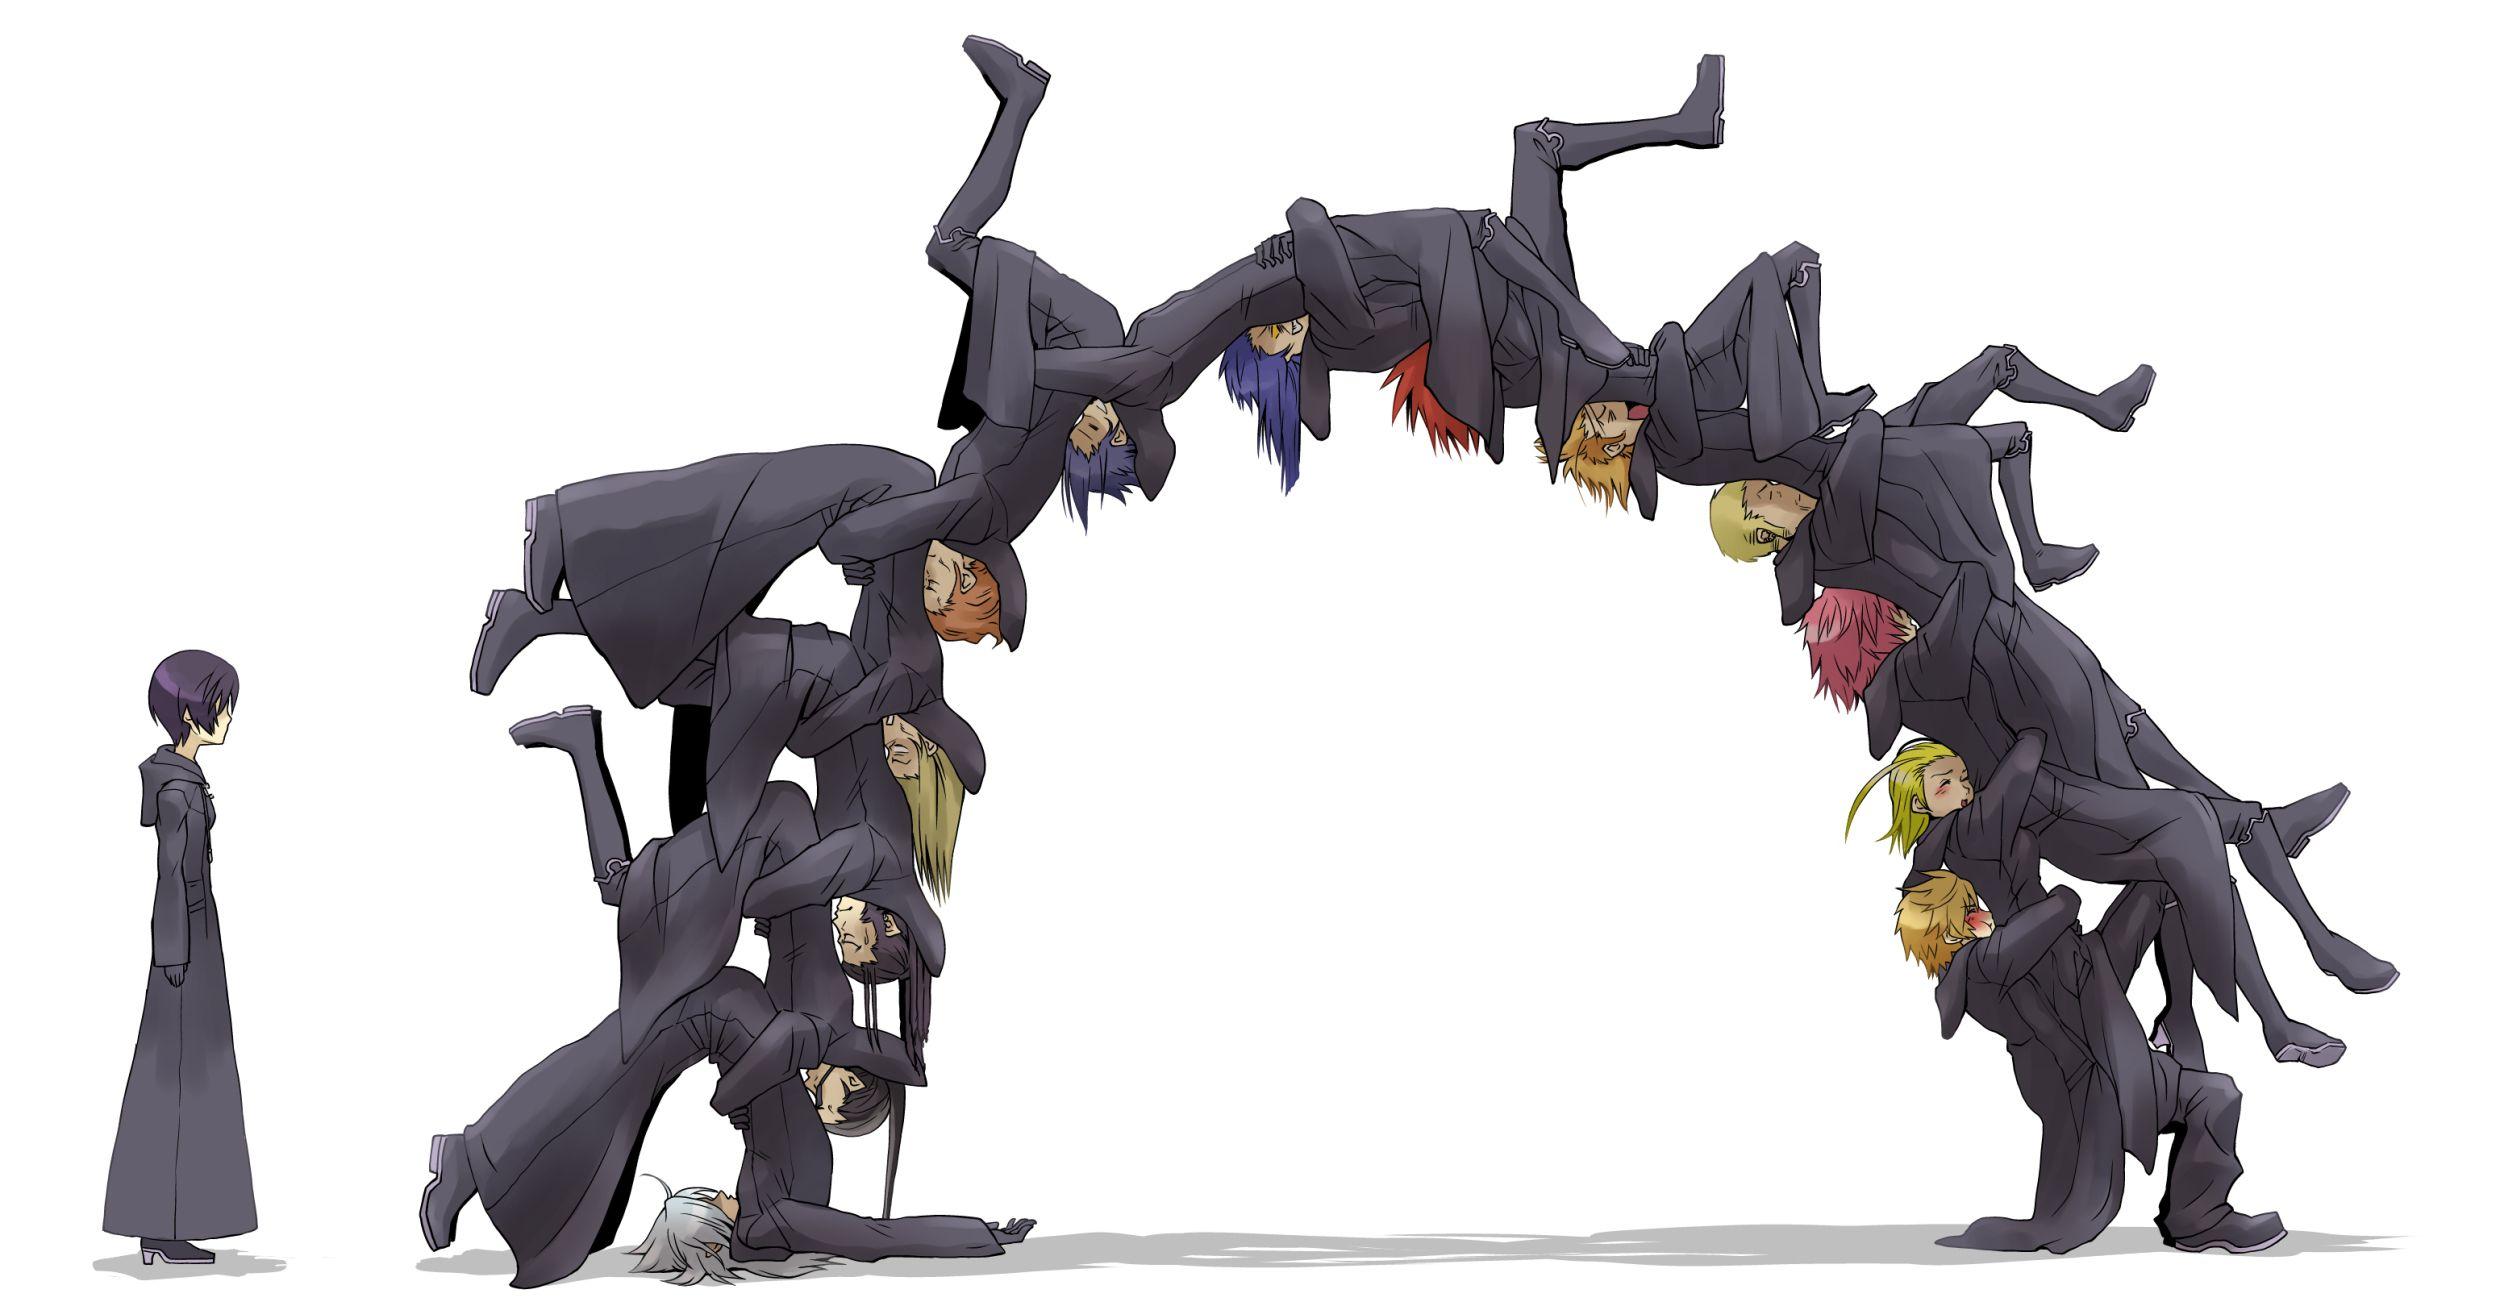 Vanitassora Kingdom Hearts Kingdom Hearts Ii Kingdom Hearts 358